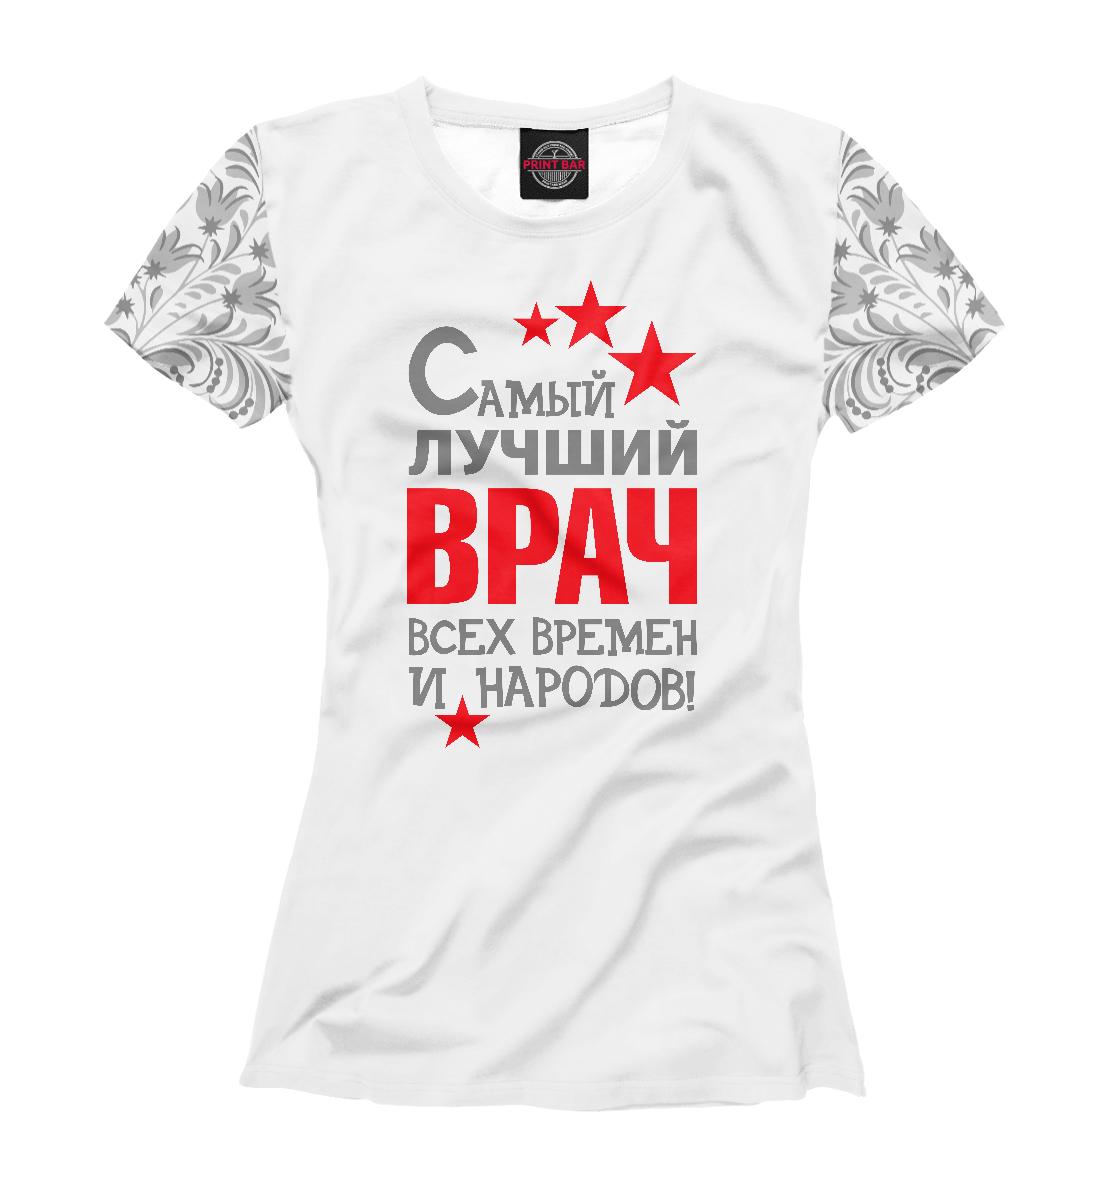 Купить Самый лучший врач, Printbar, Футболки, VRC-547839-fut-1